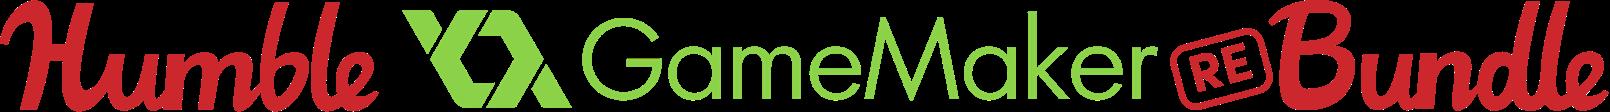 The Humble GameMaker Rebundle